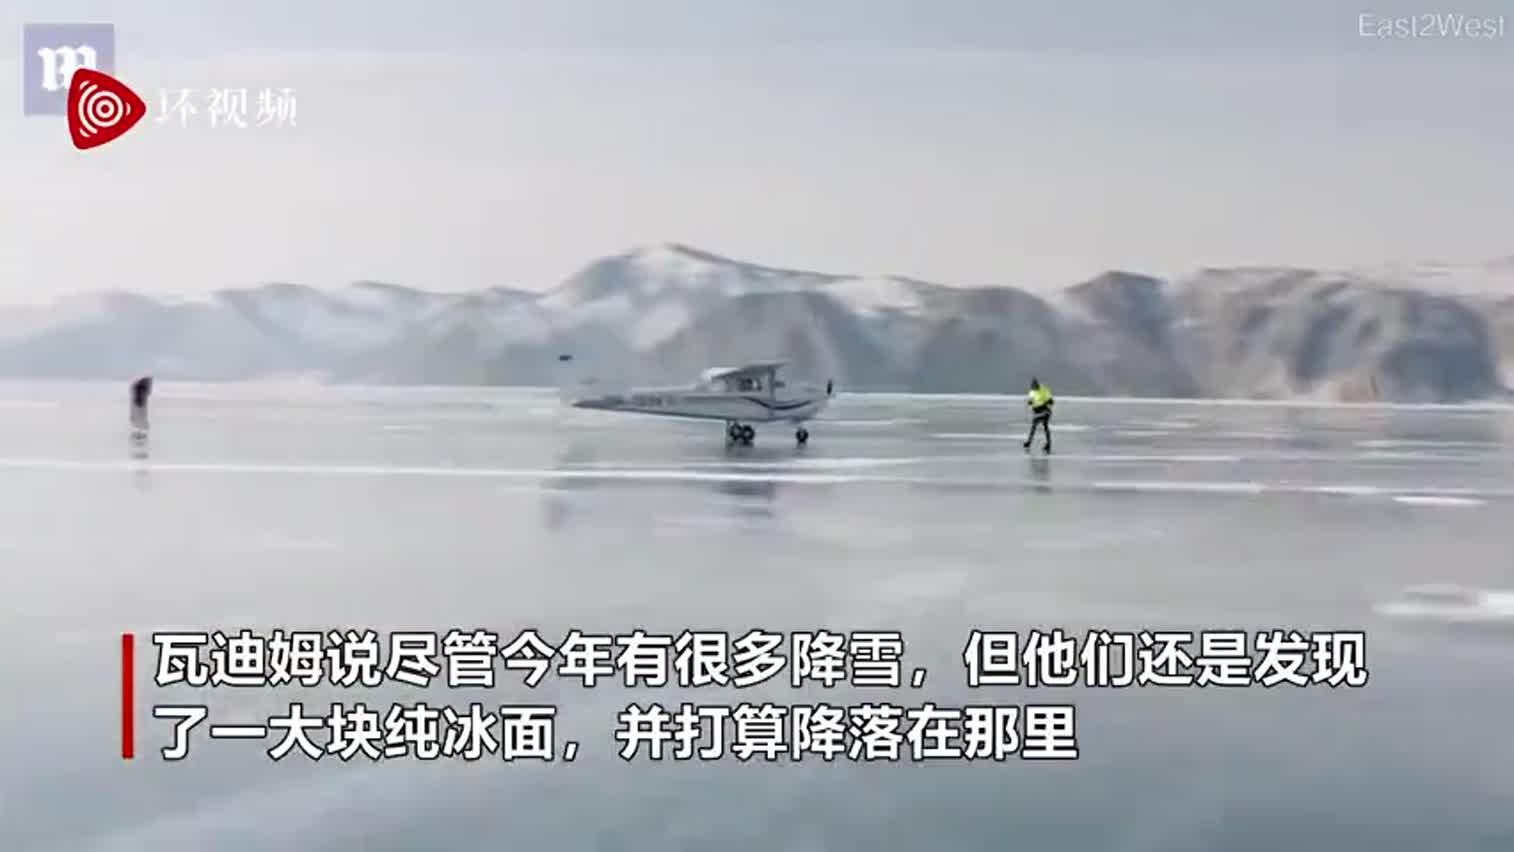 视频-俄罗斯胆大飞行员无视冰裂 将飞机降落在贝加